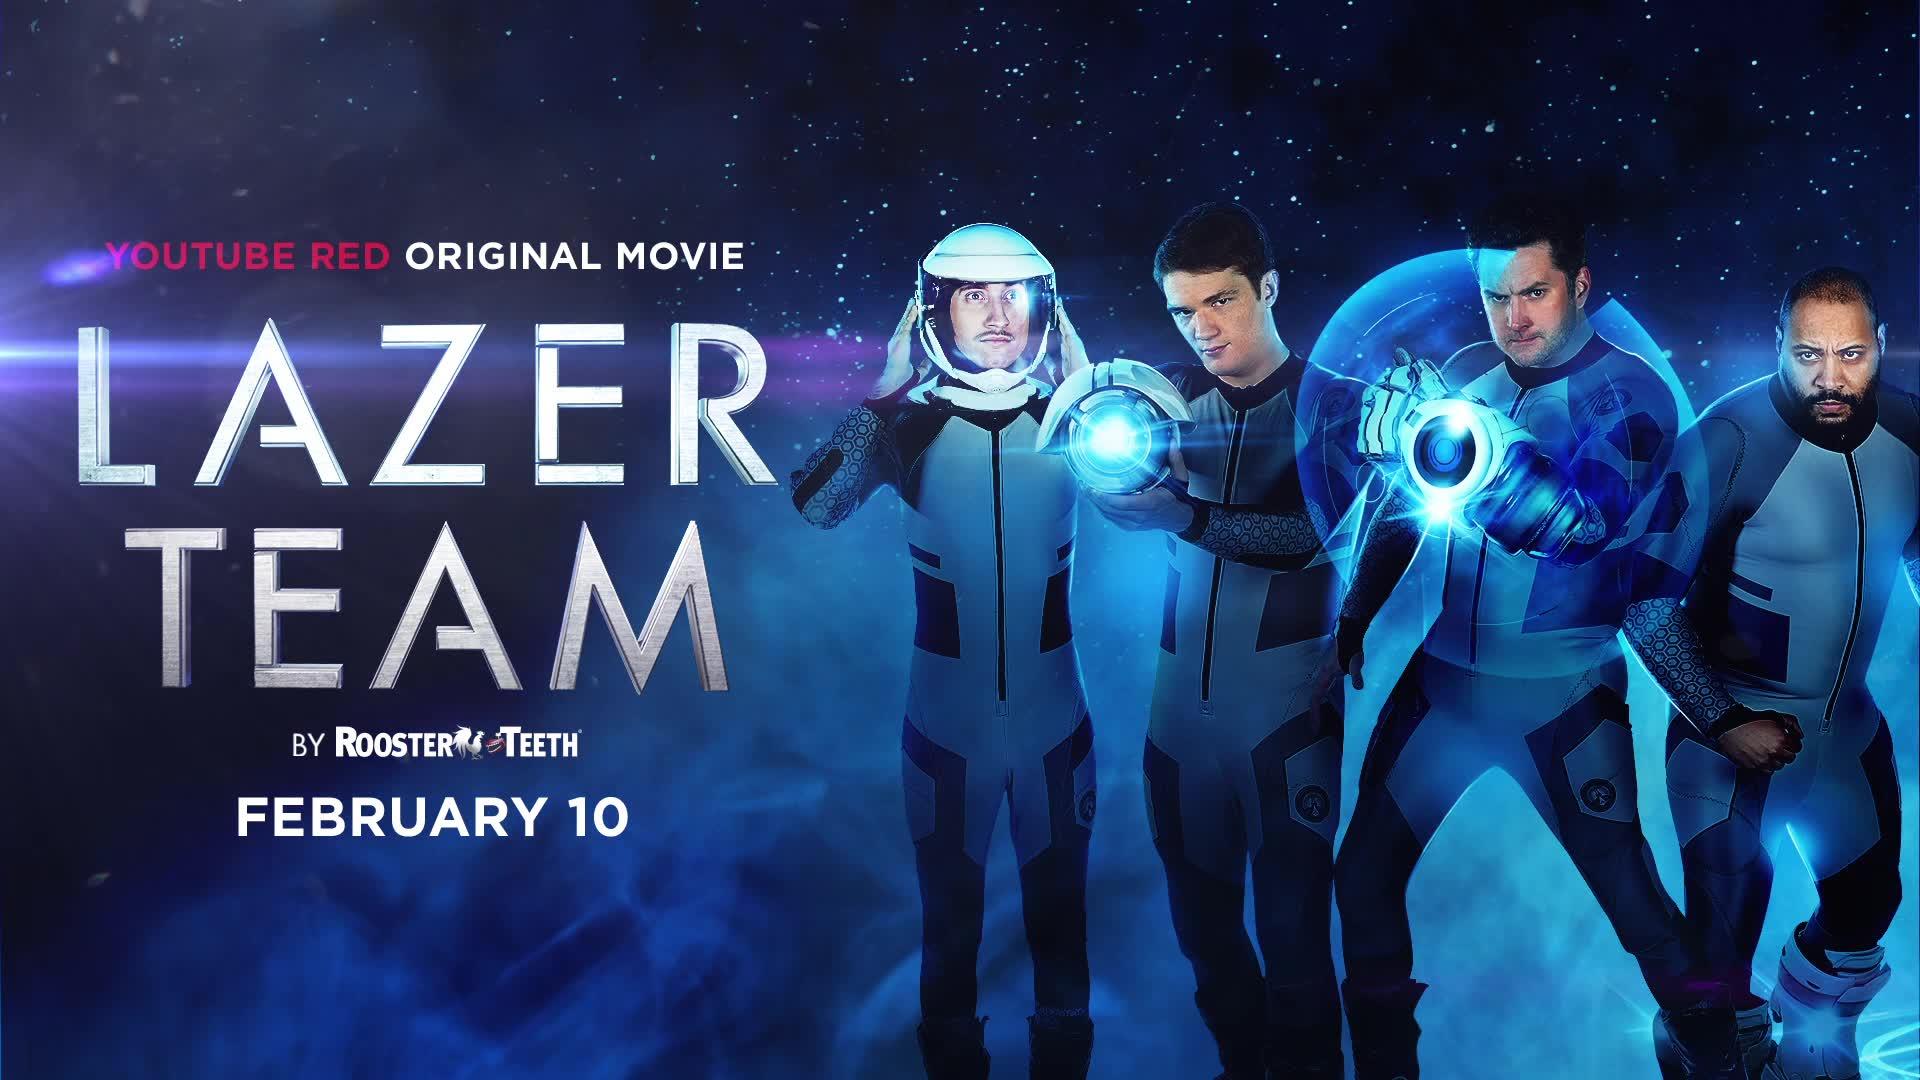 Lazer Team full movie in italian 720p